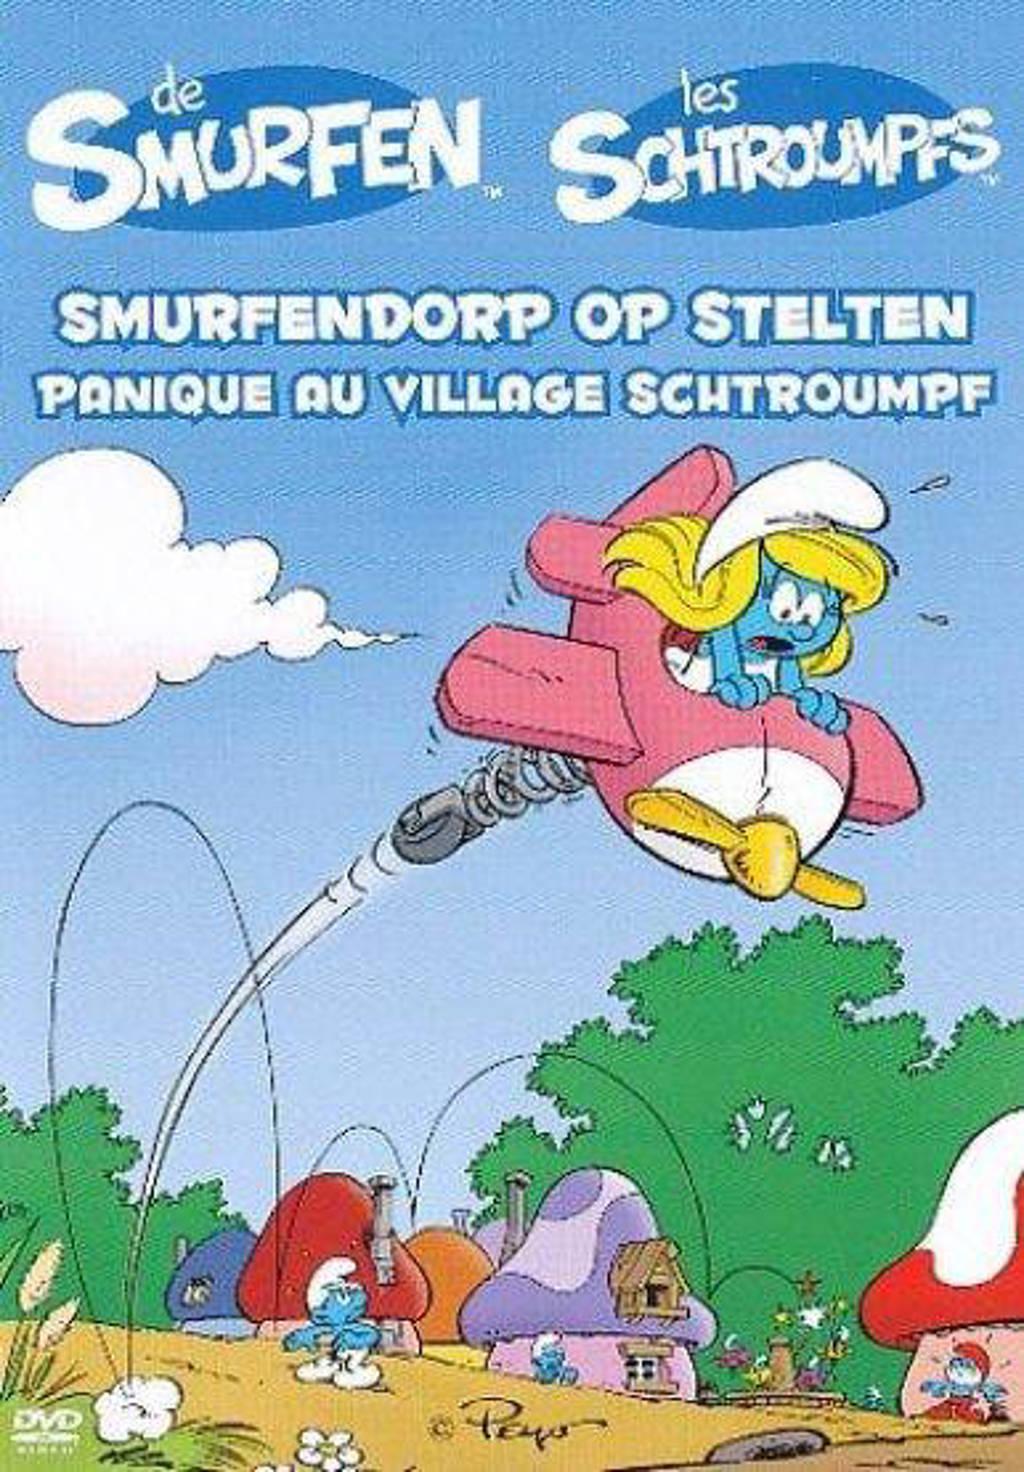 Smurfen - Smurfendorp op stelten (DVD)